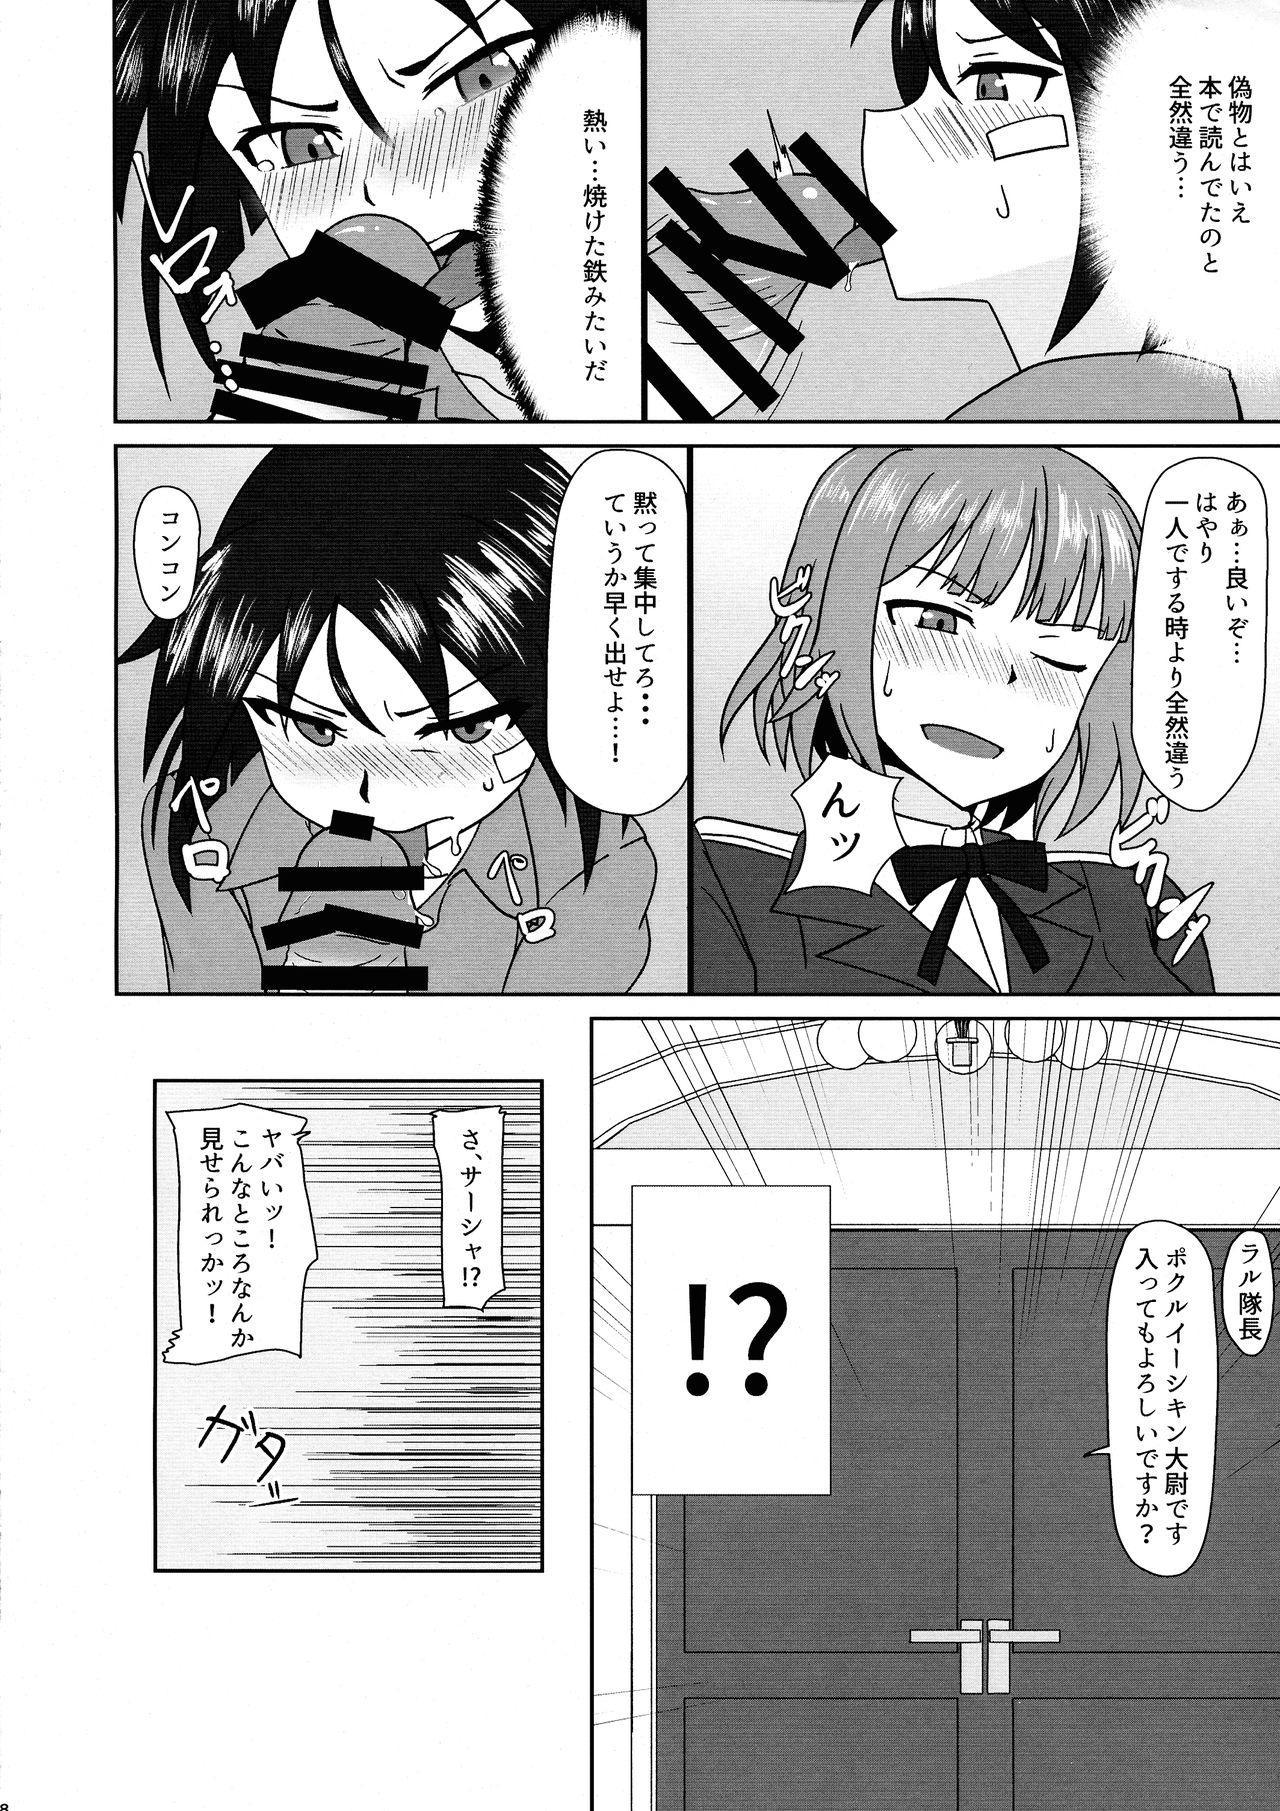 Nao-chan no Houshi Katsudou 7